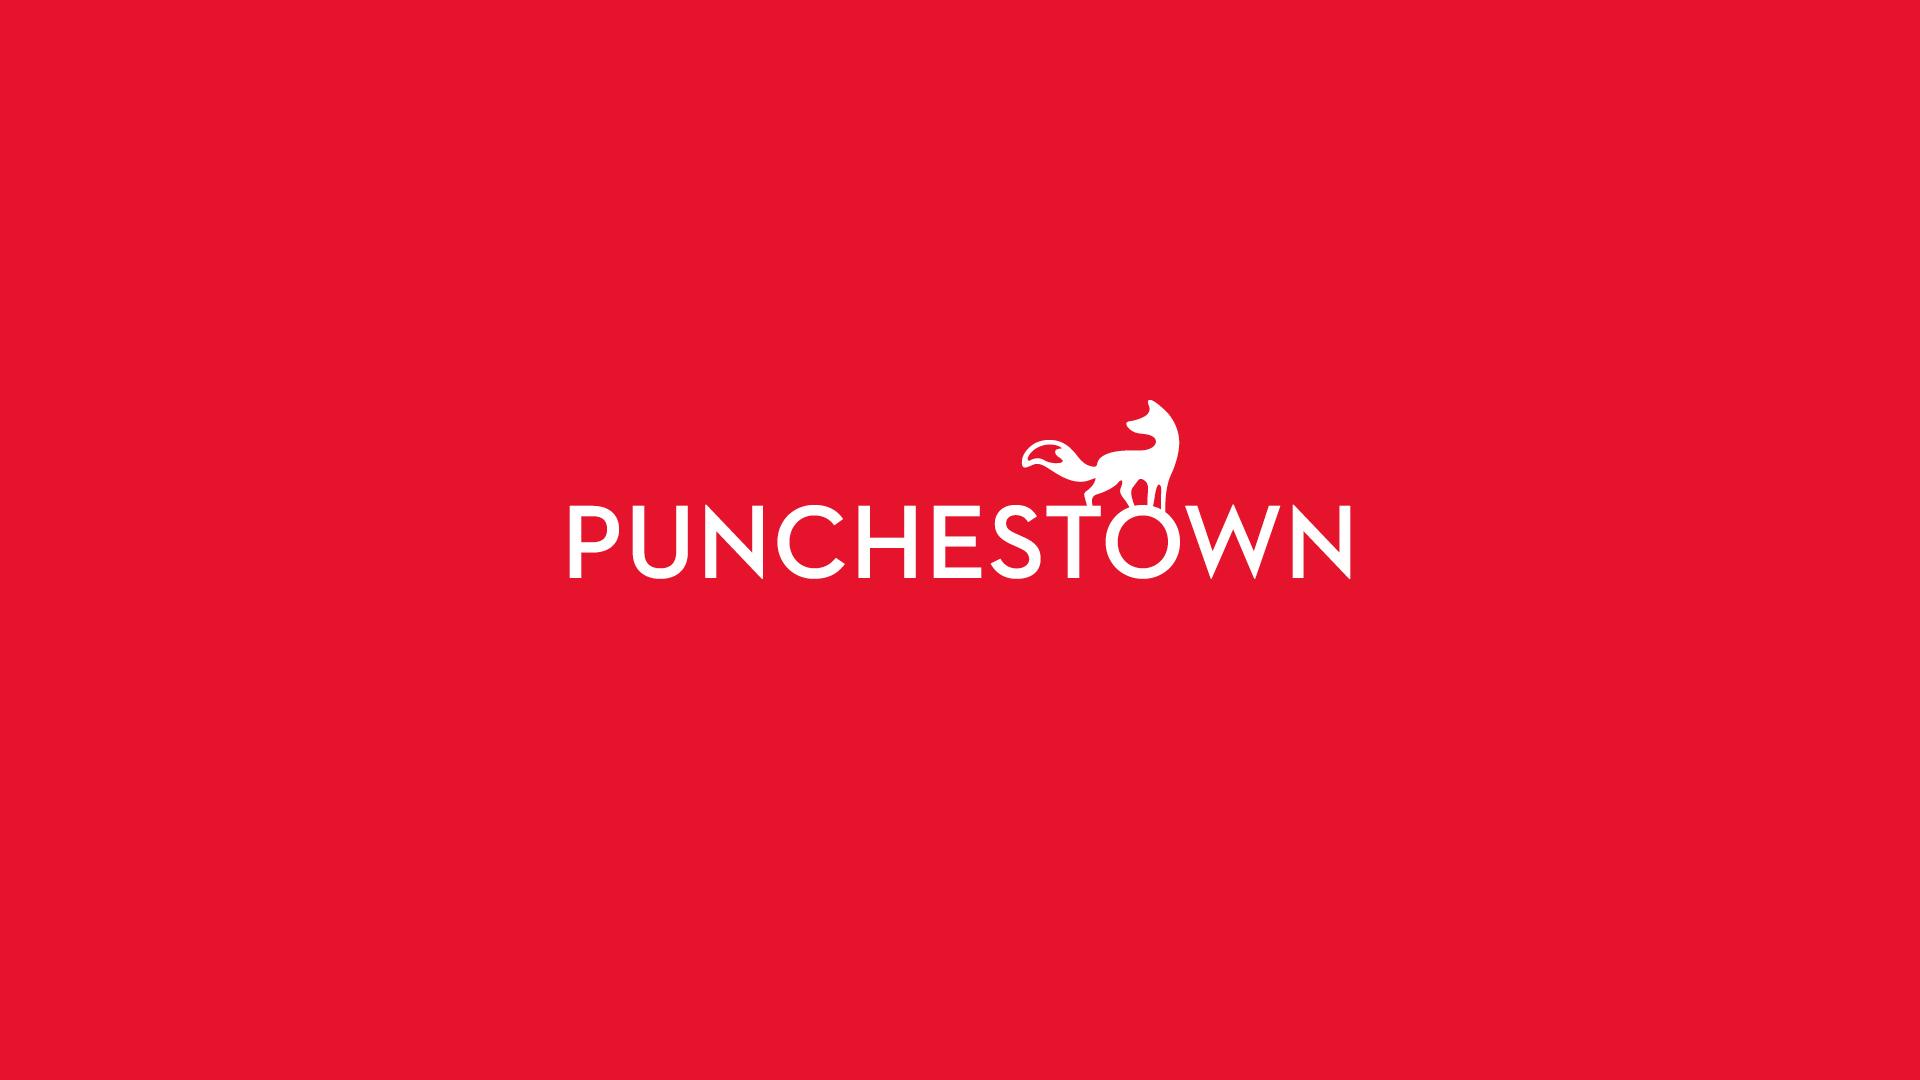 Punchestown